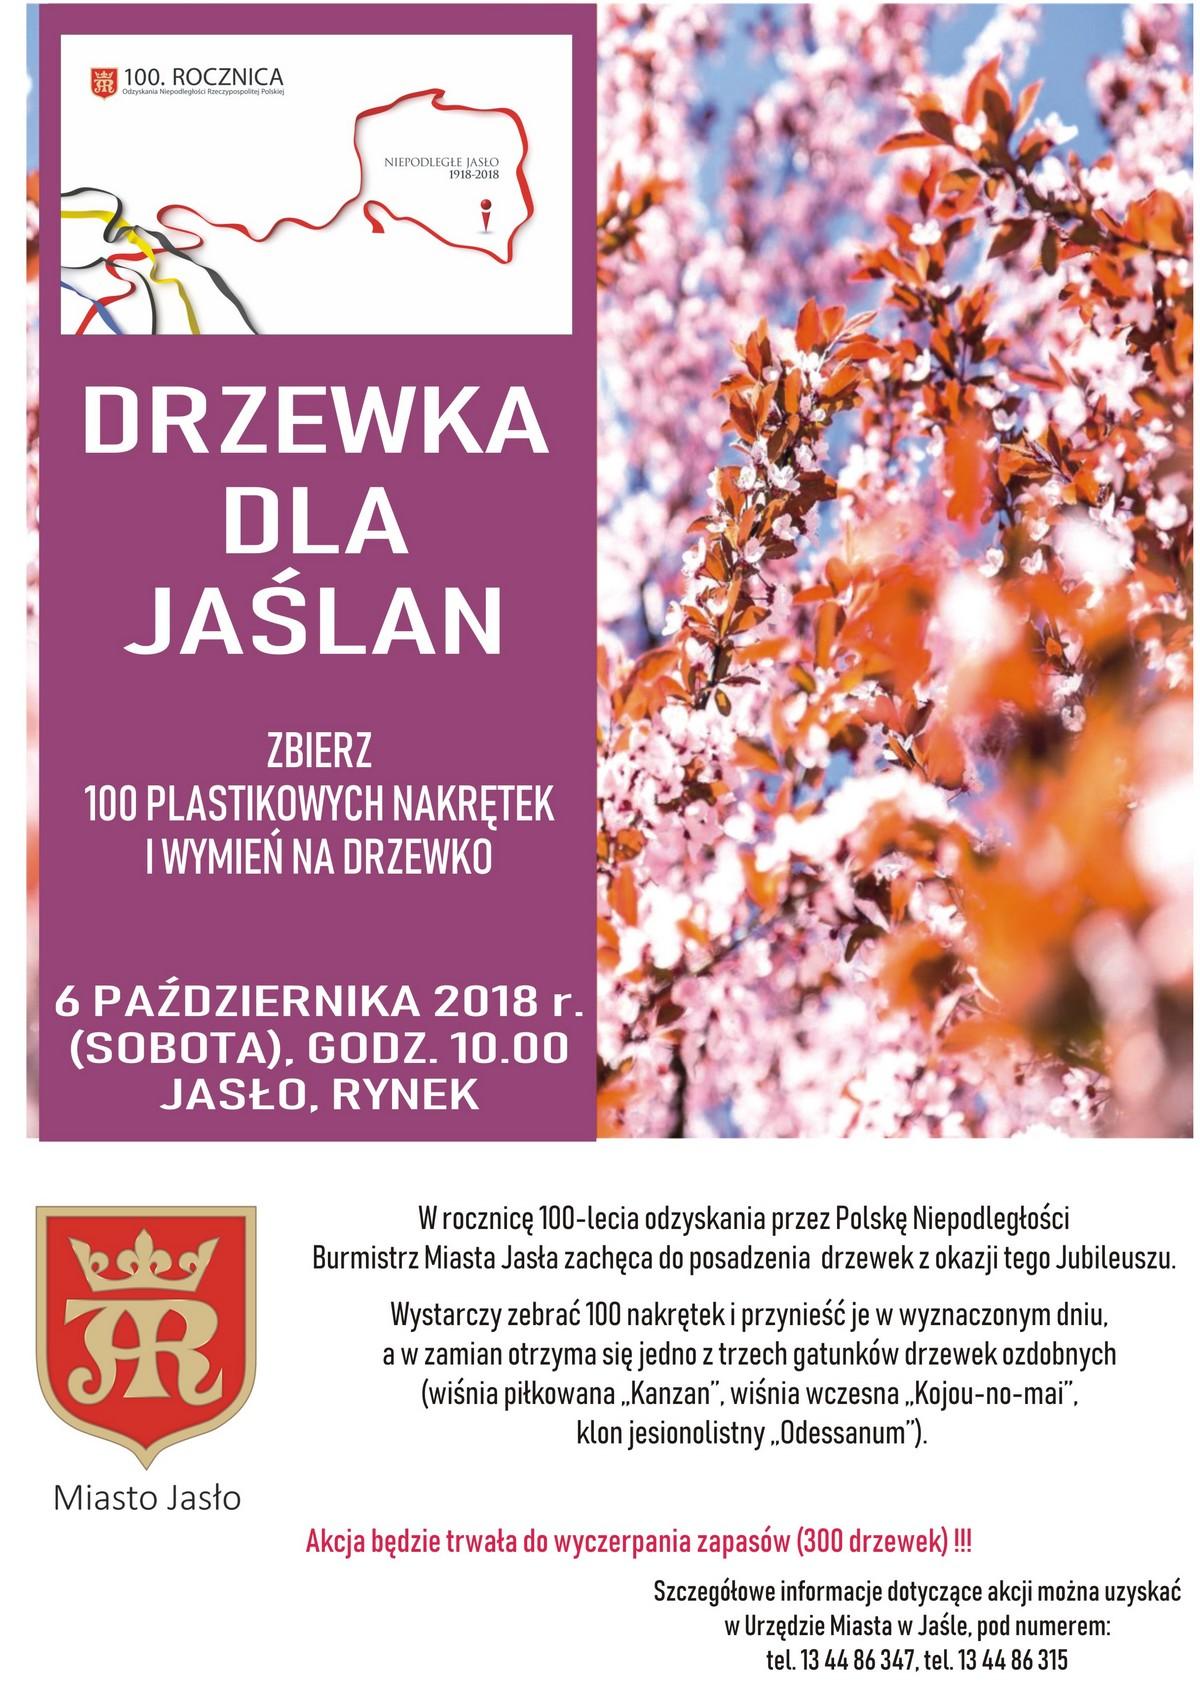 20181006__drzewka